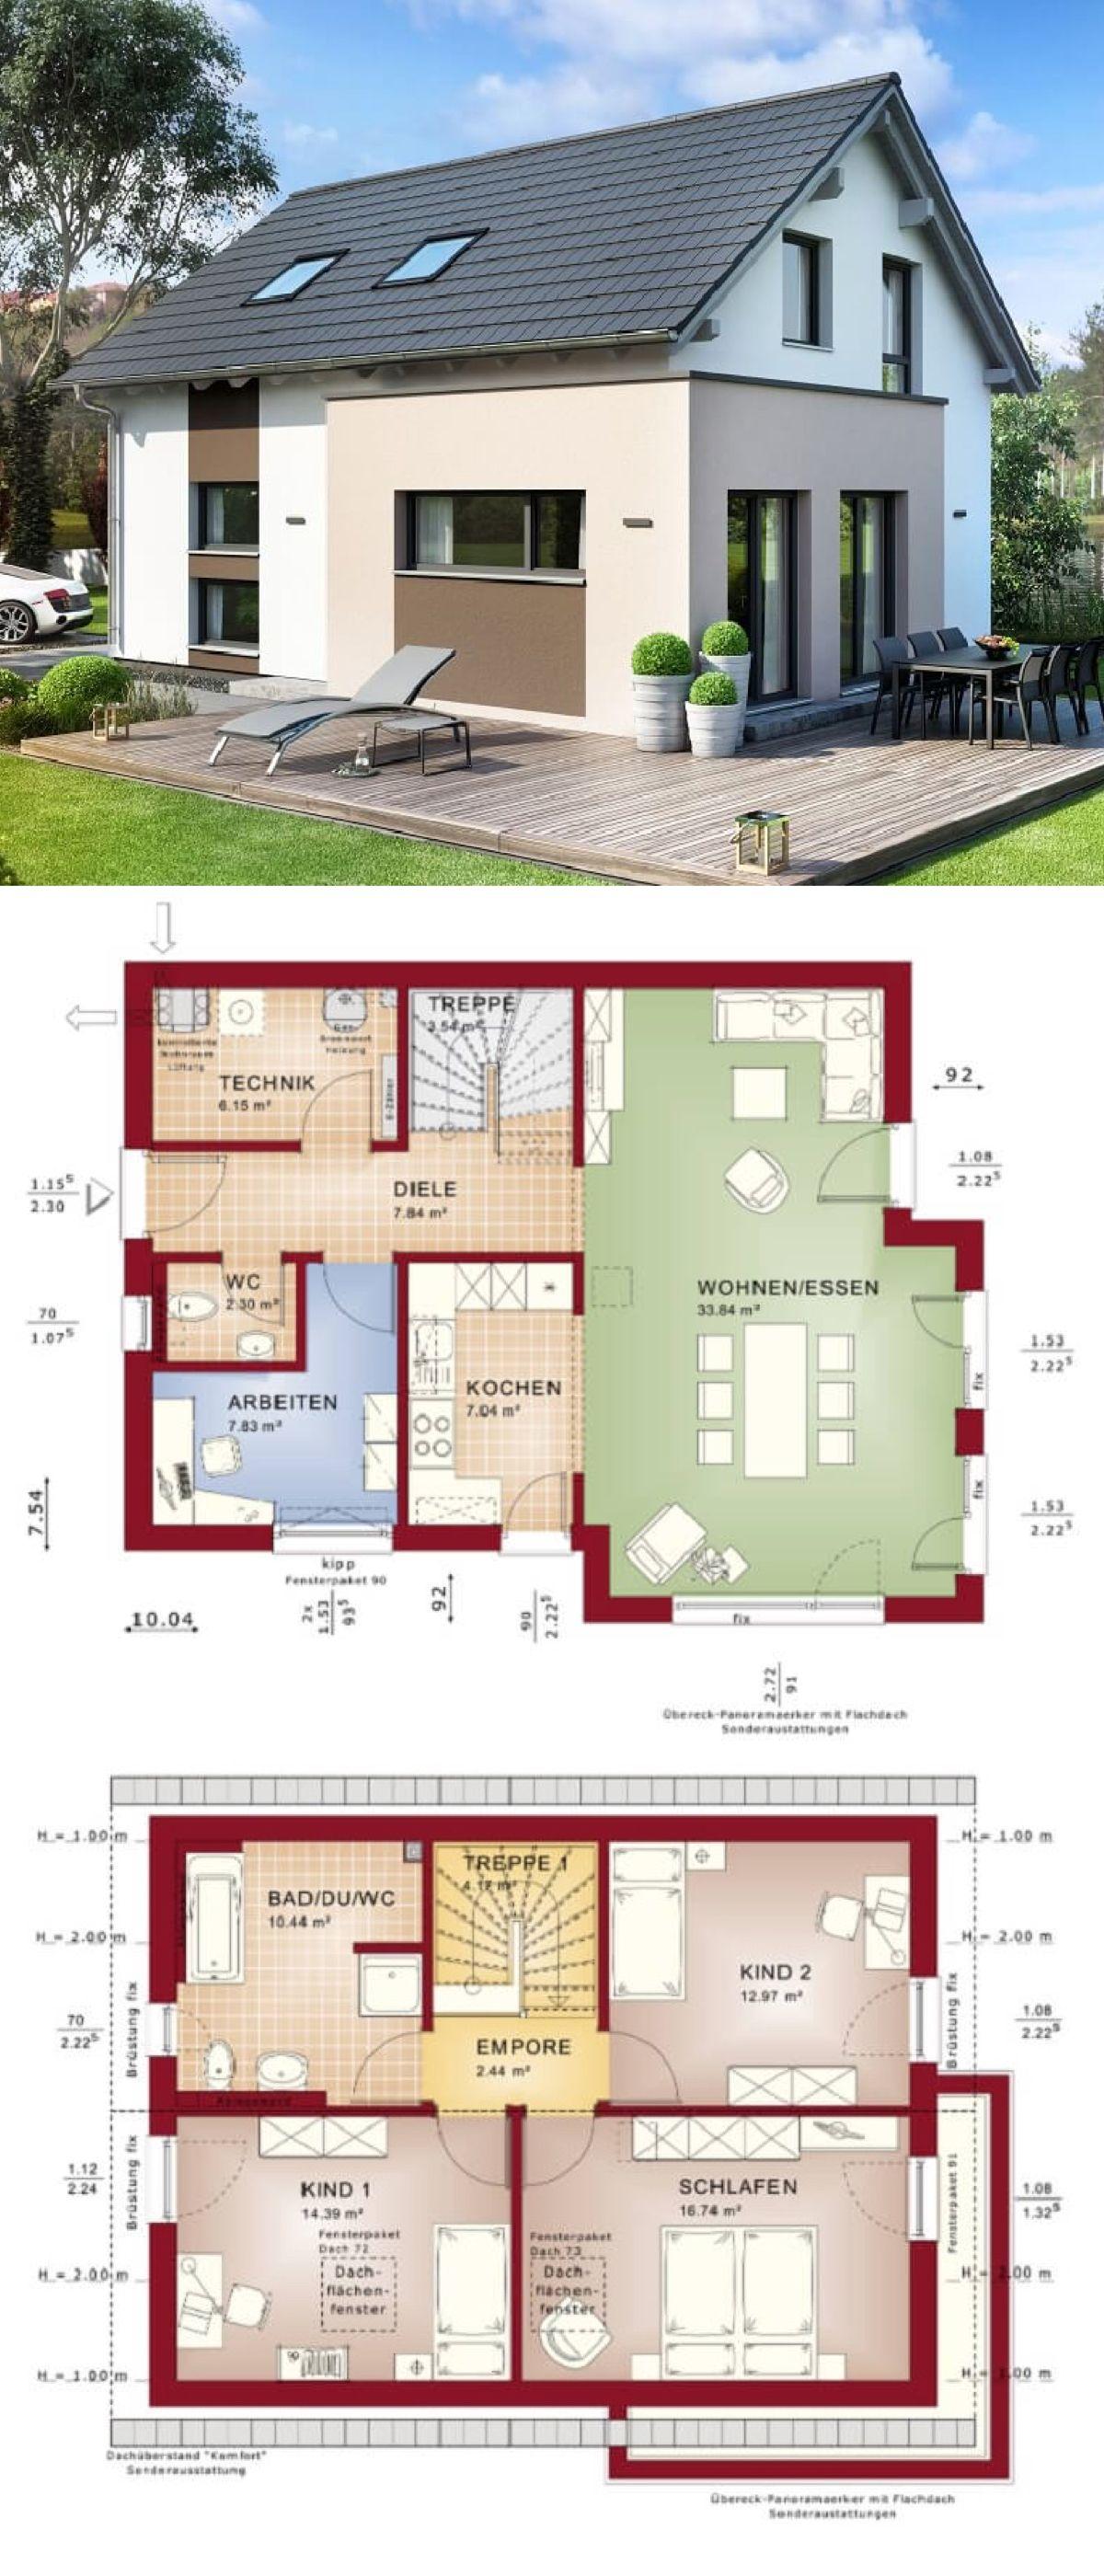 einfamilienhaus neubau klassisch mit satteldach architektur erker anbau haus bauen grundriss. Black Bedroom Furniture Sets. Home Design Ideas